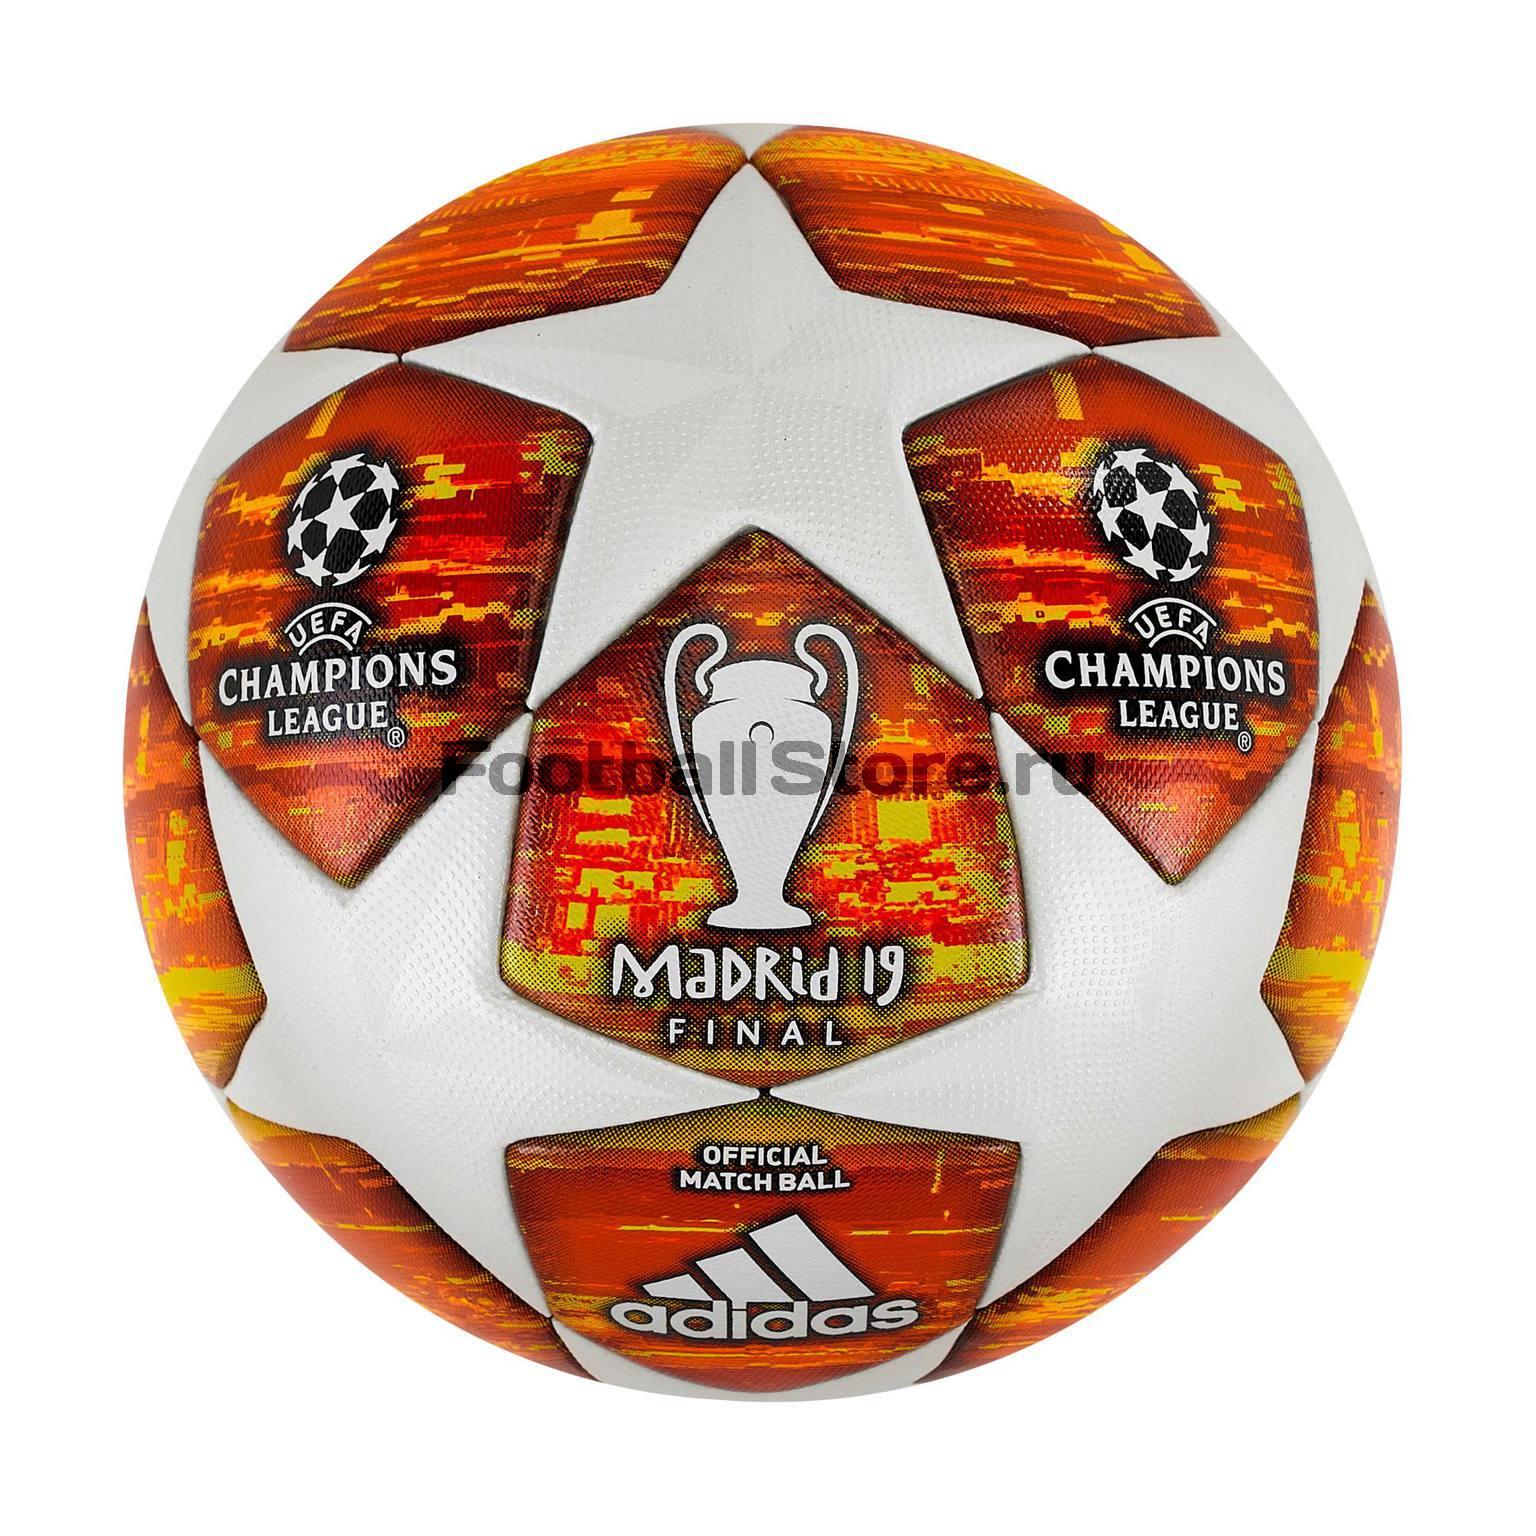 Официальный футбольный мяч Adidas Лиги чемпионов DN8685